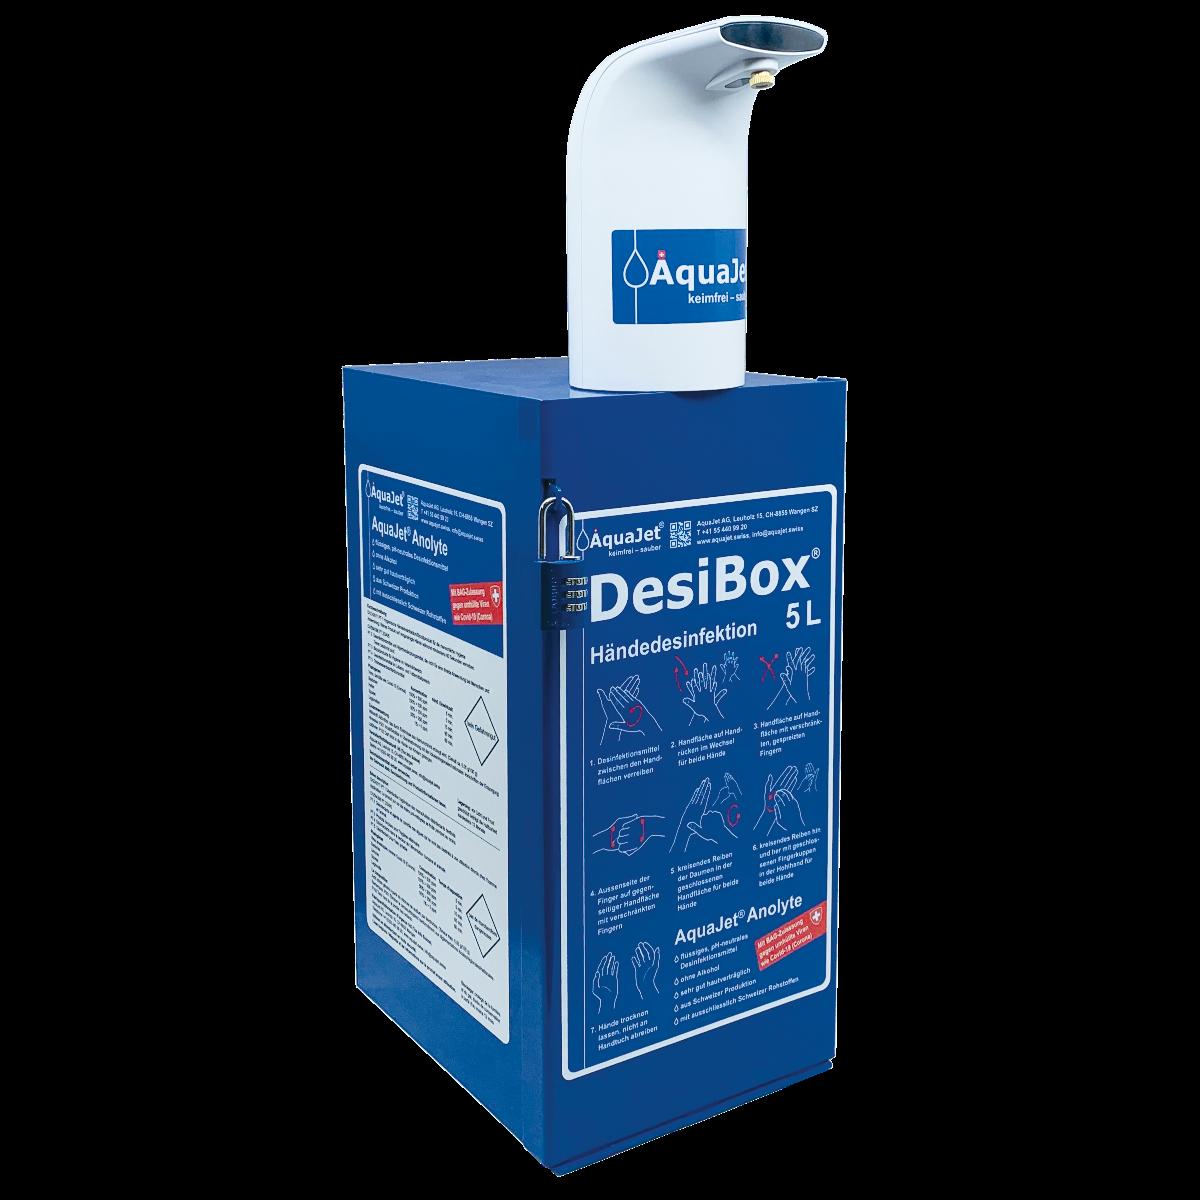 Bild DesiBox für die Händedesinfektion